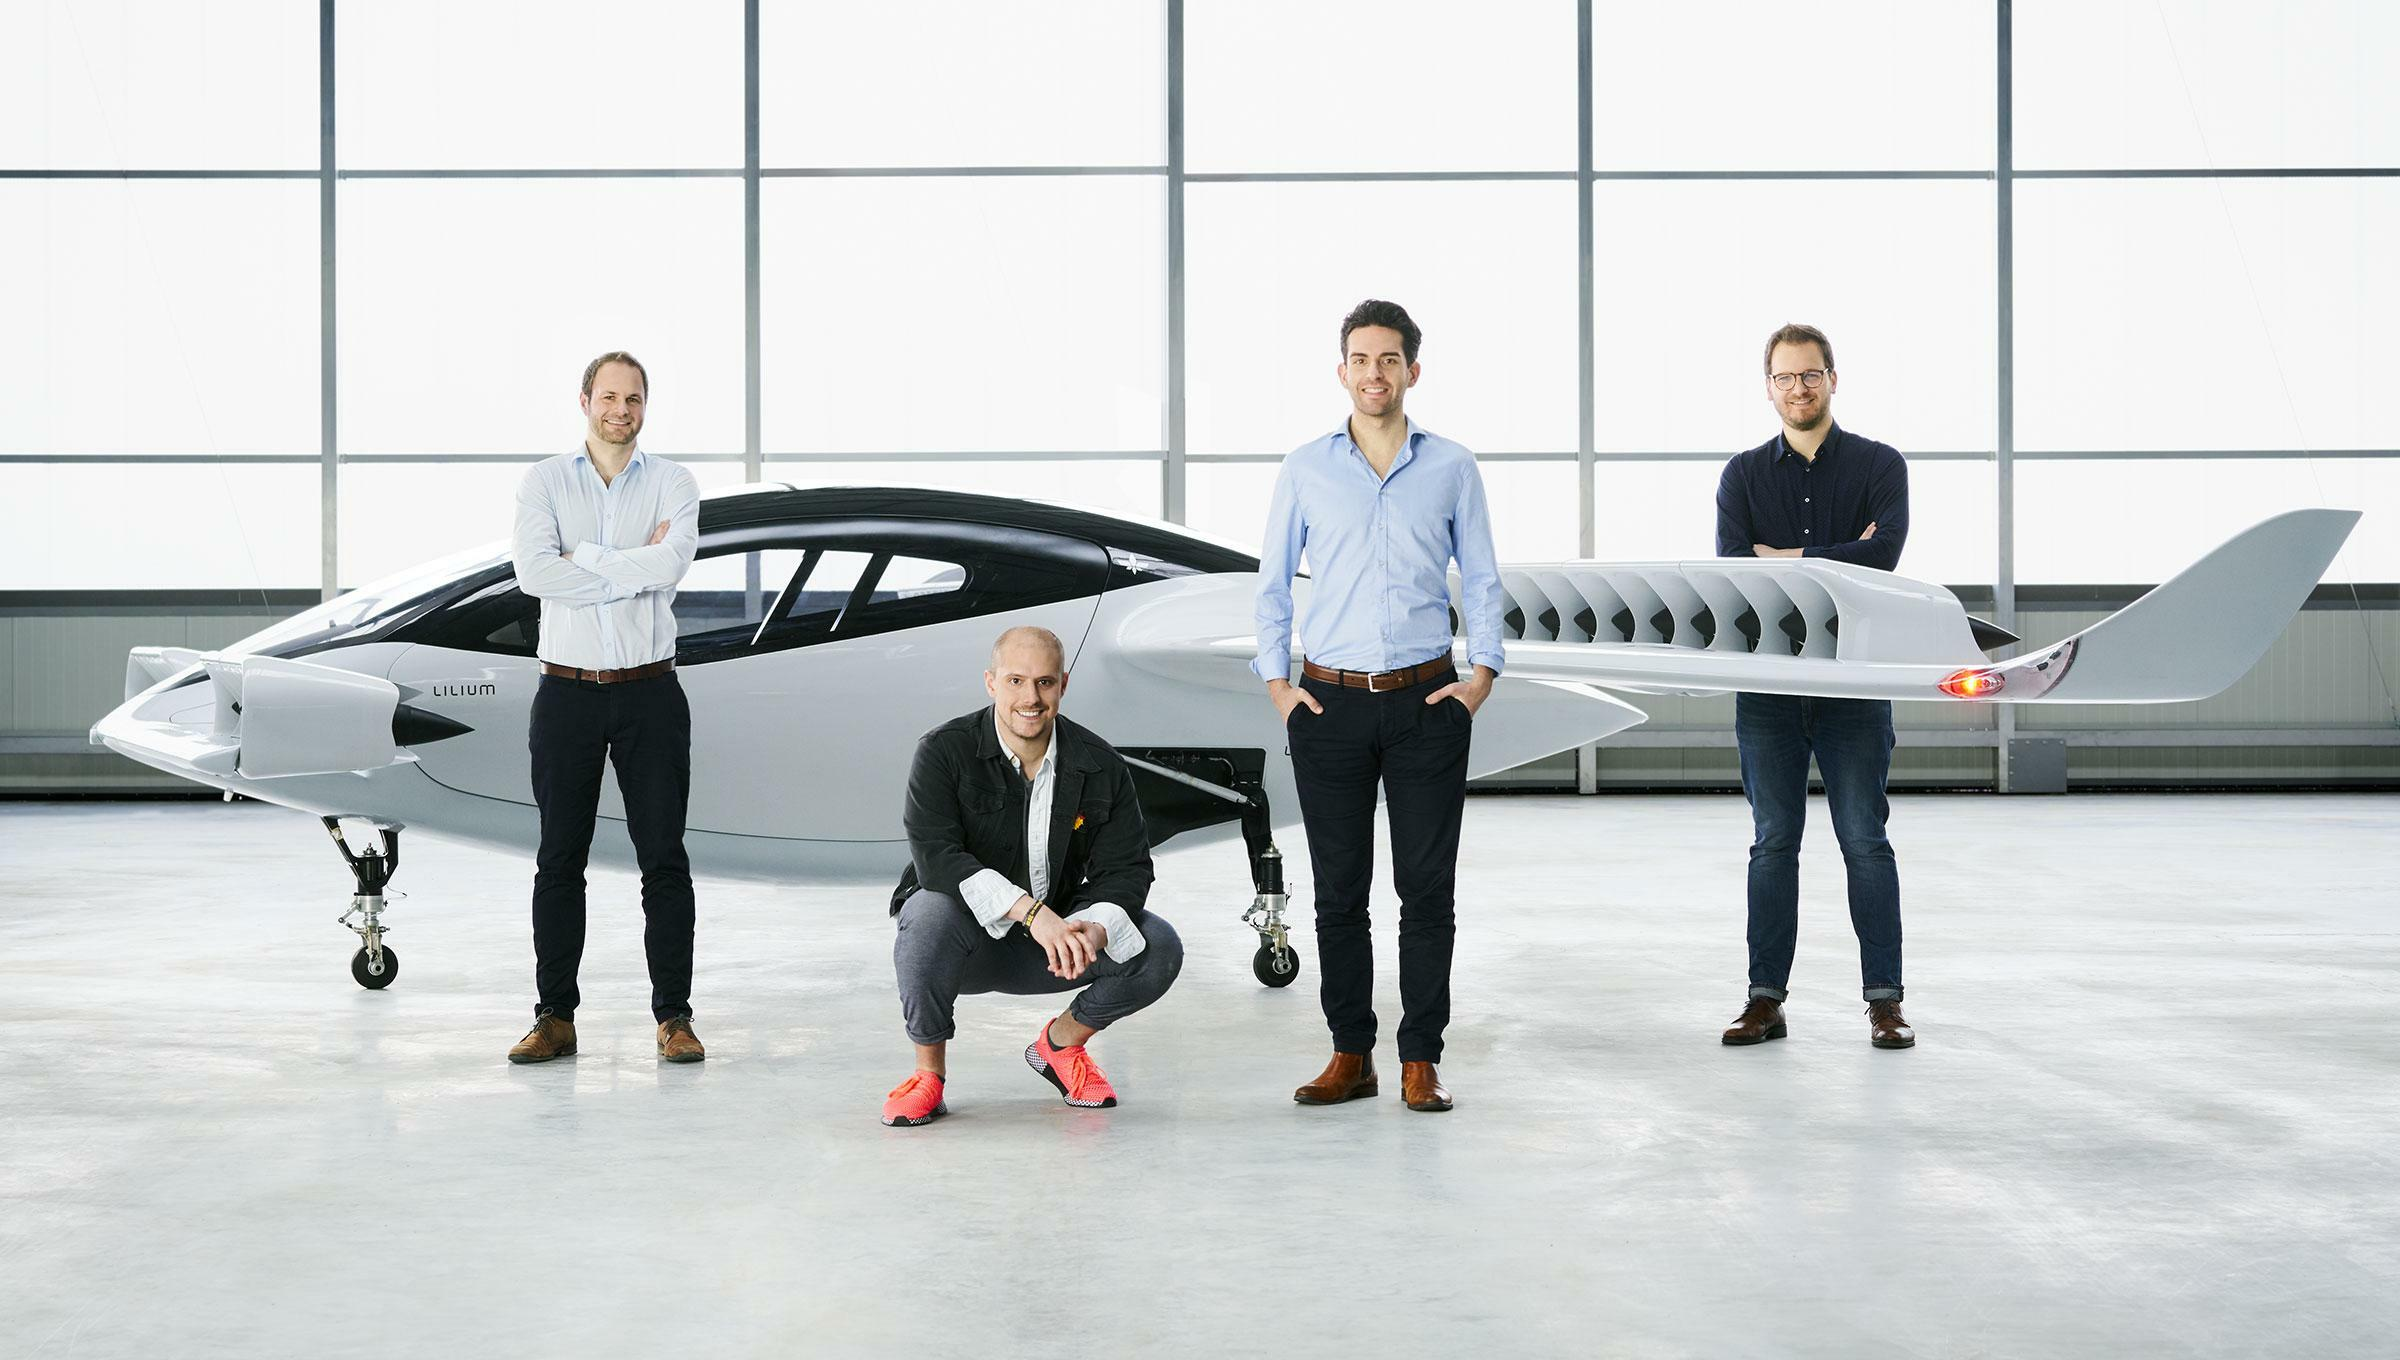 Lilium: Dieses Flugtaxi soll die Mobilität revolutionieren